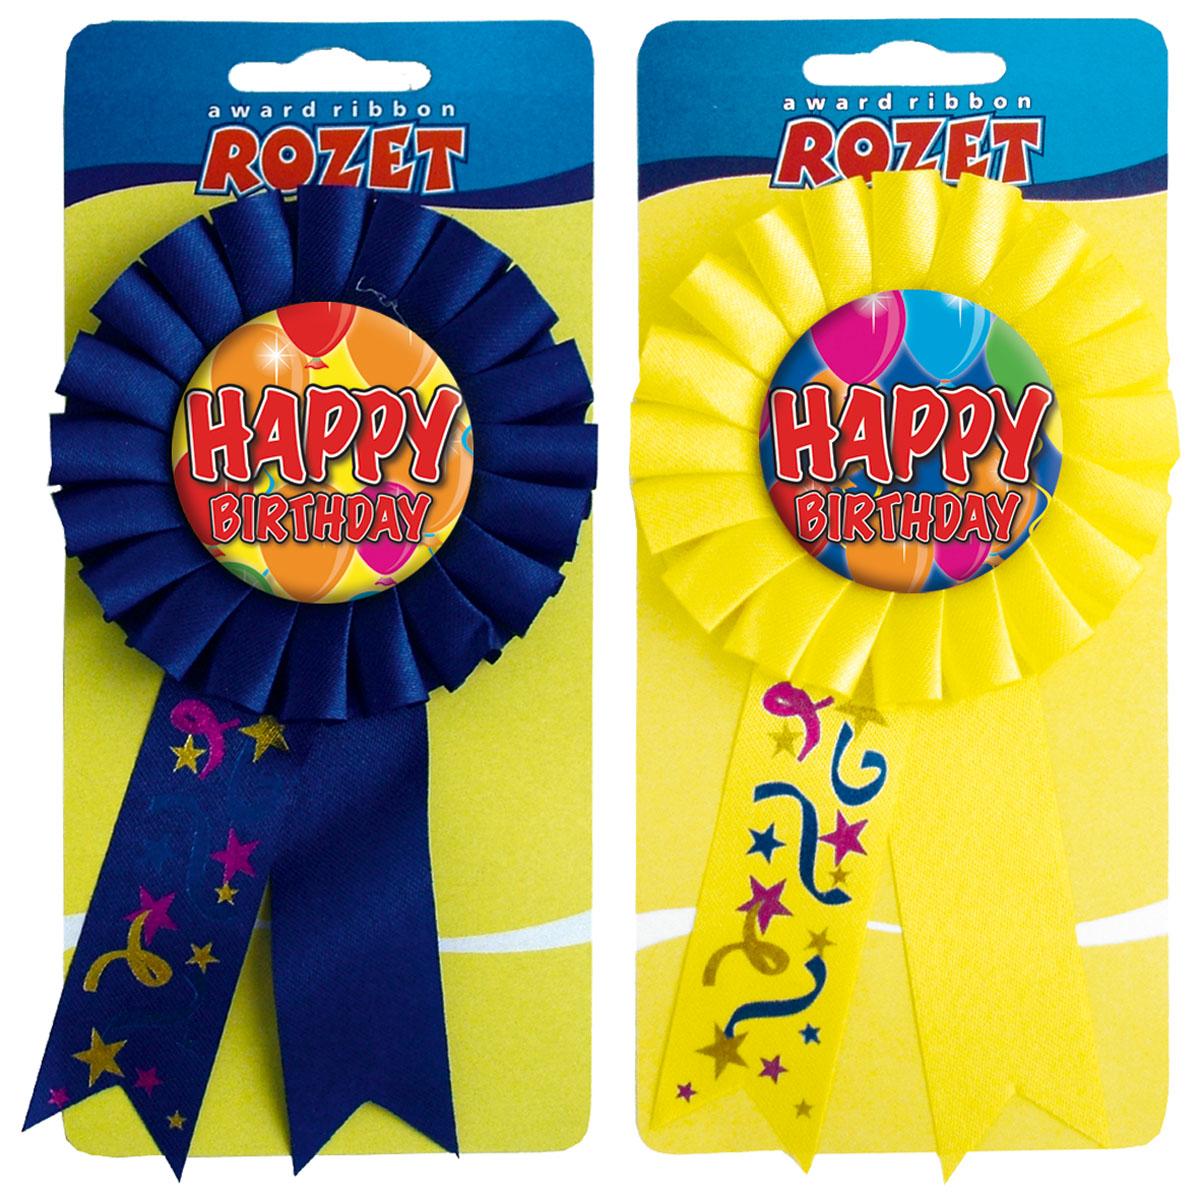 Rozet ballon happy birthday per stuk